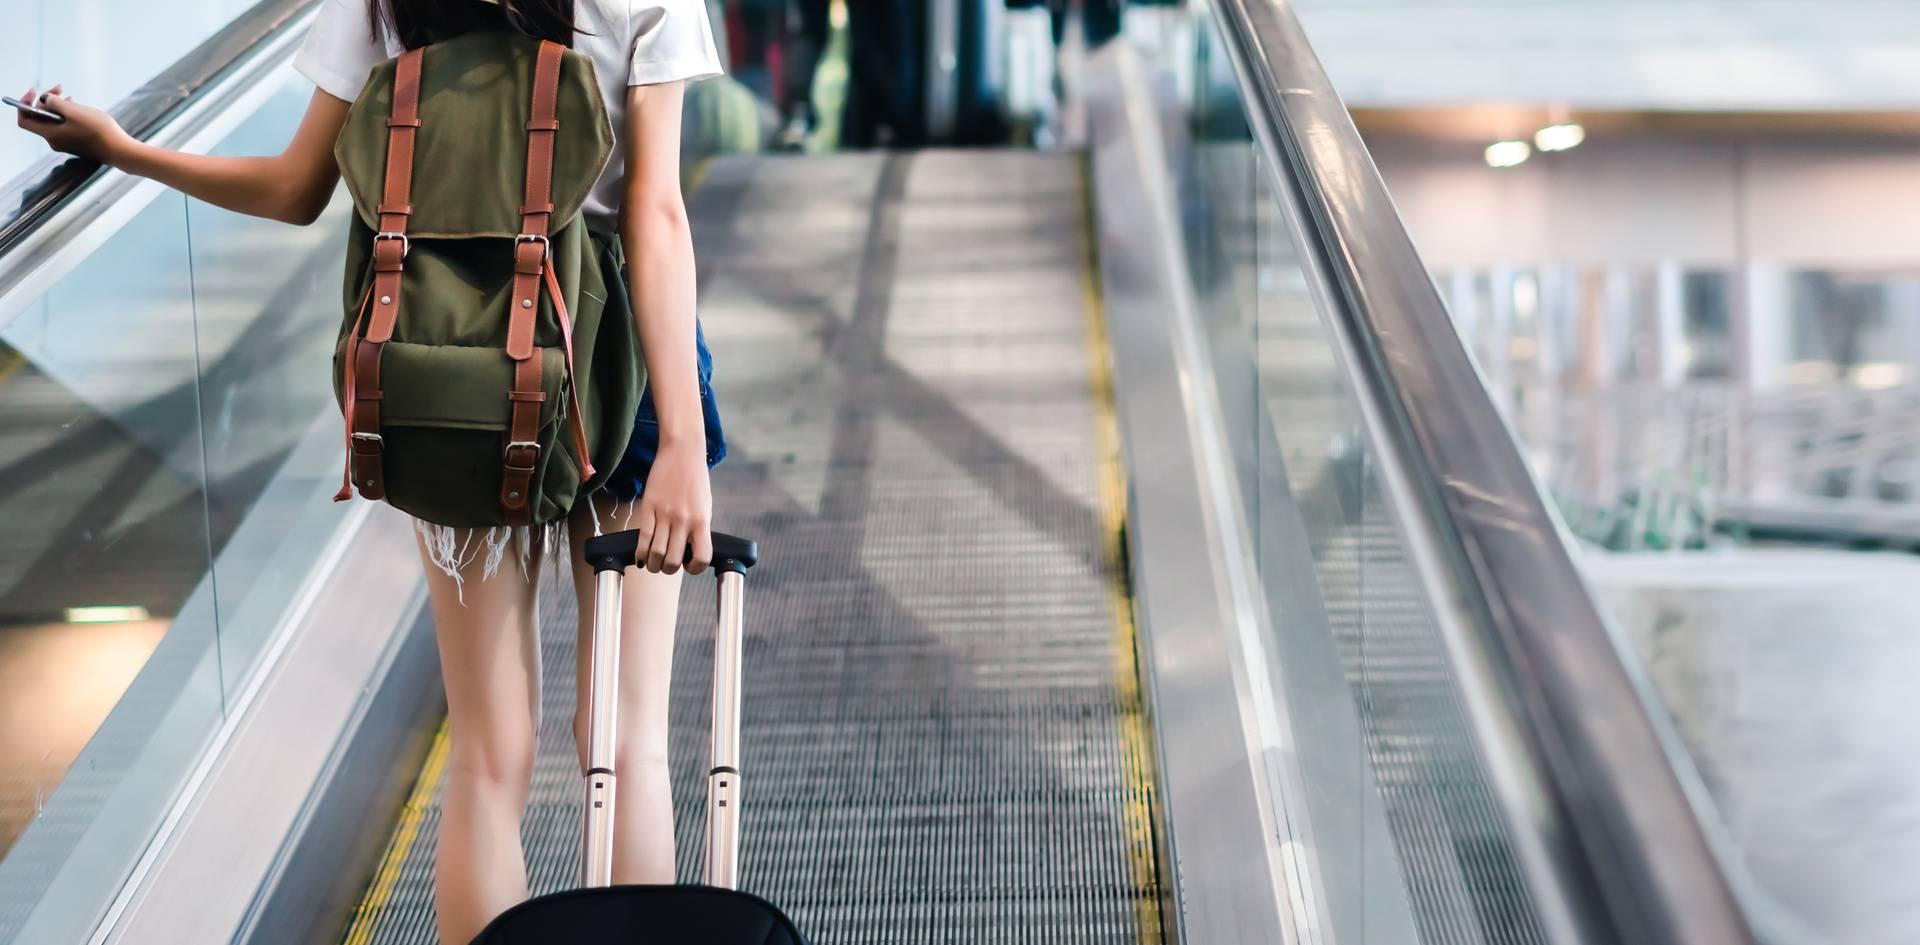 Korona je potaknula novu vrstu turizma - digitalne nomade